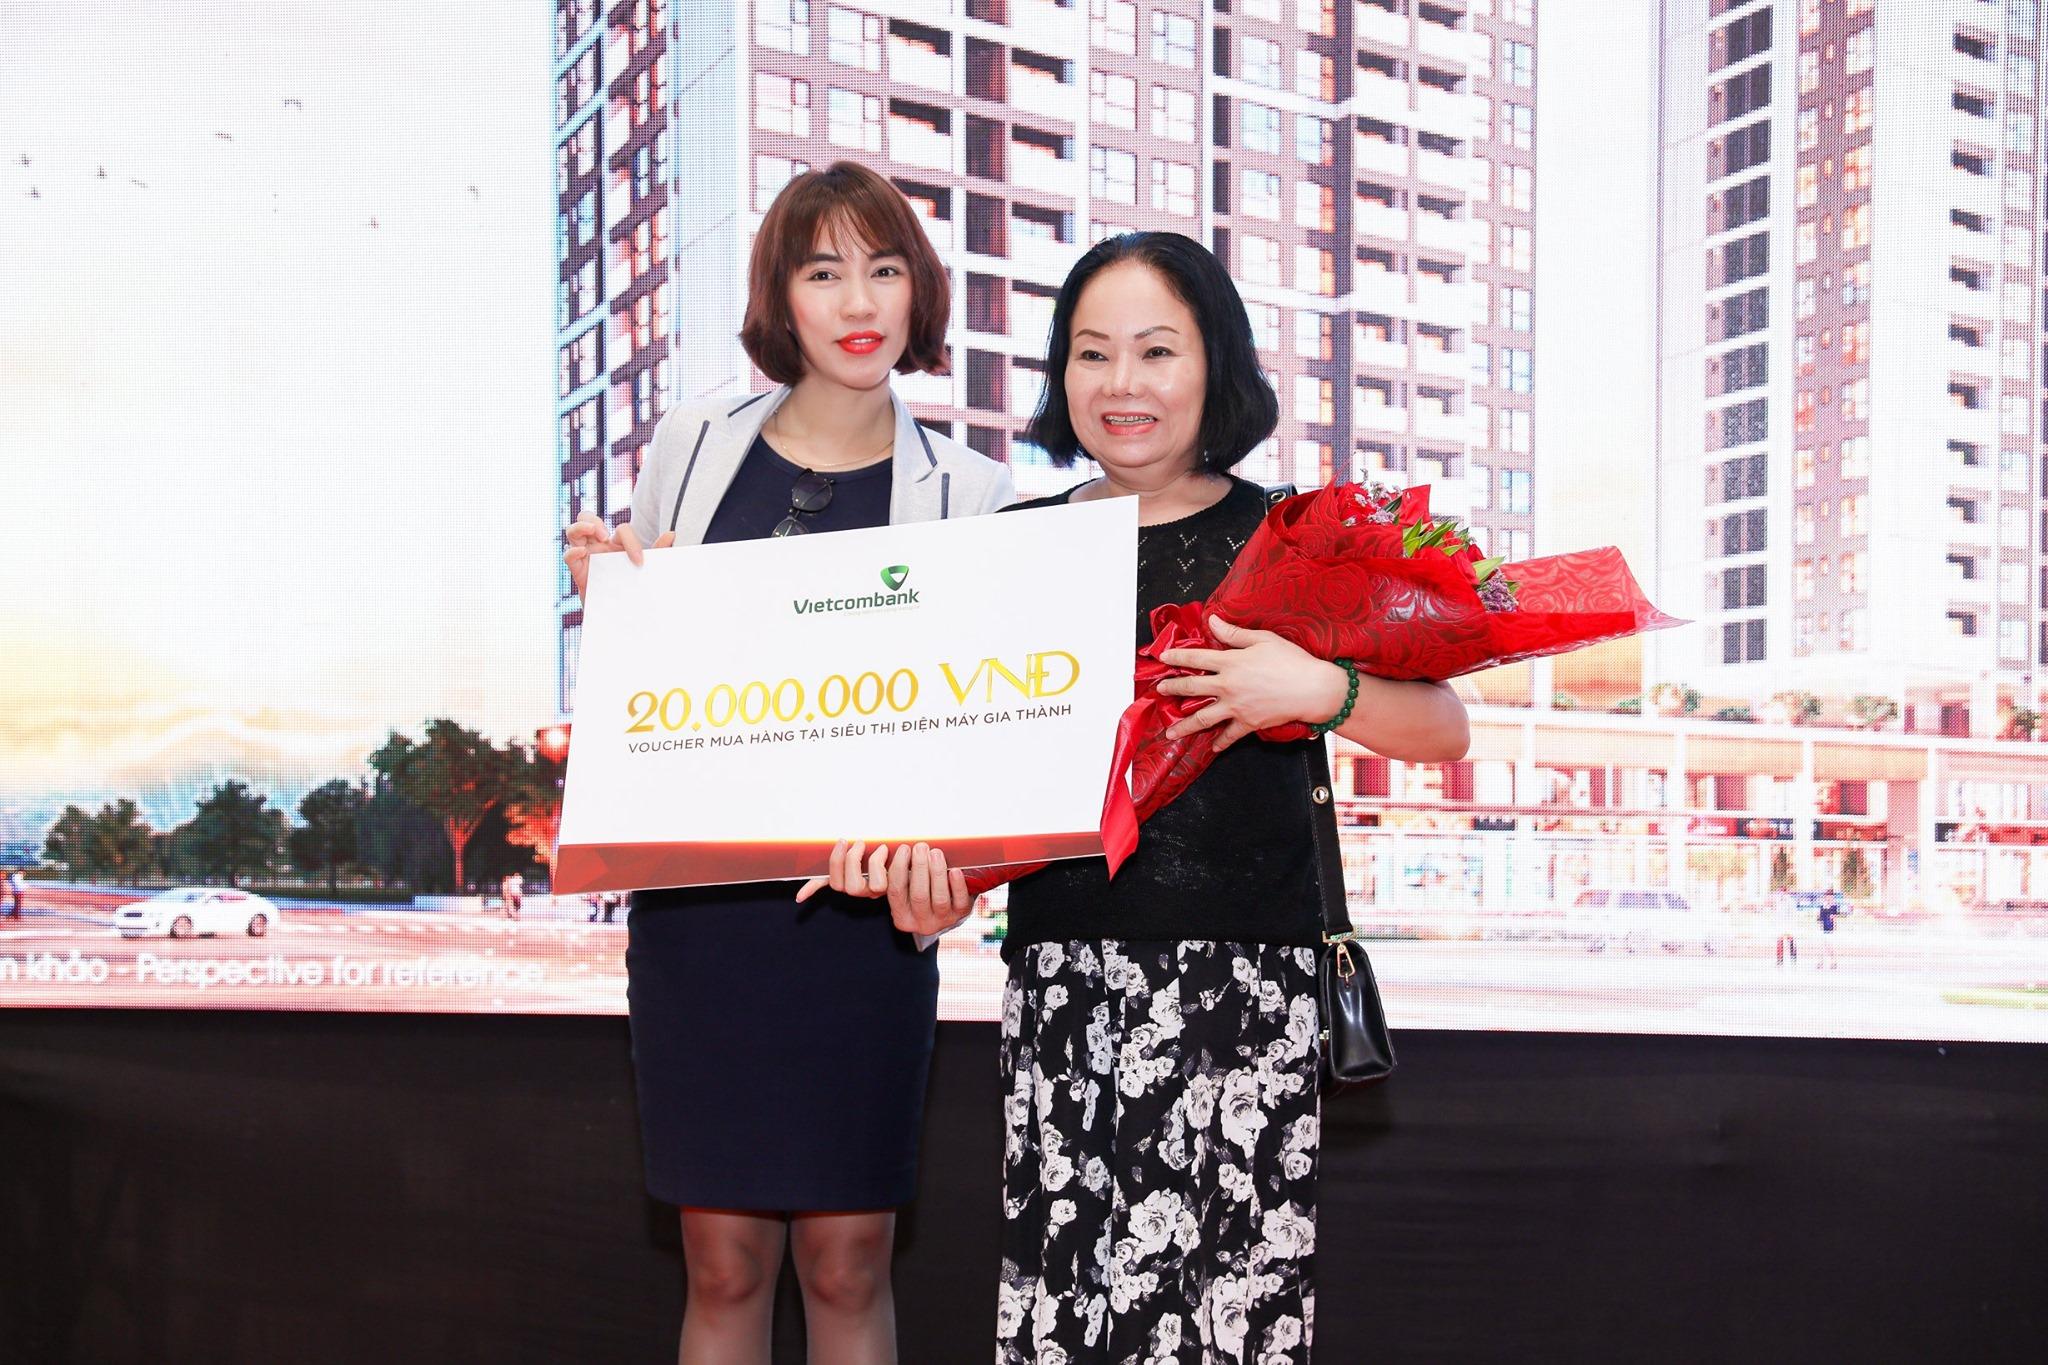 trao giải thưởng cho khách mua căn hộ the antonia quận 7